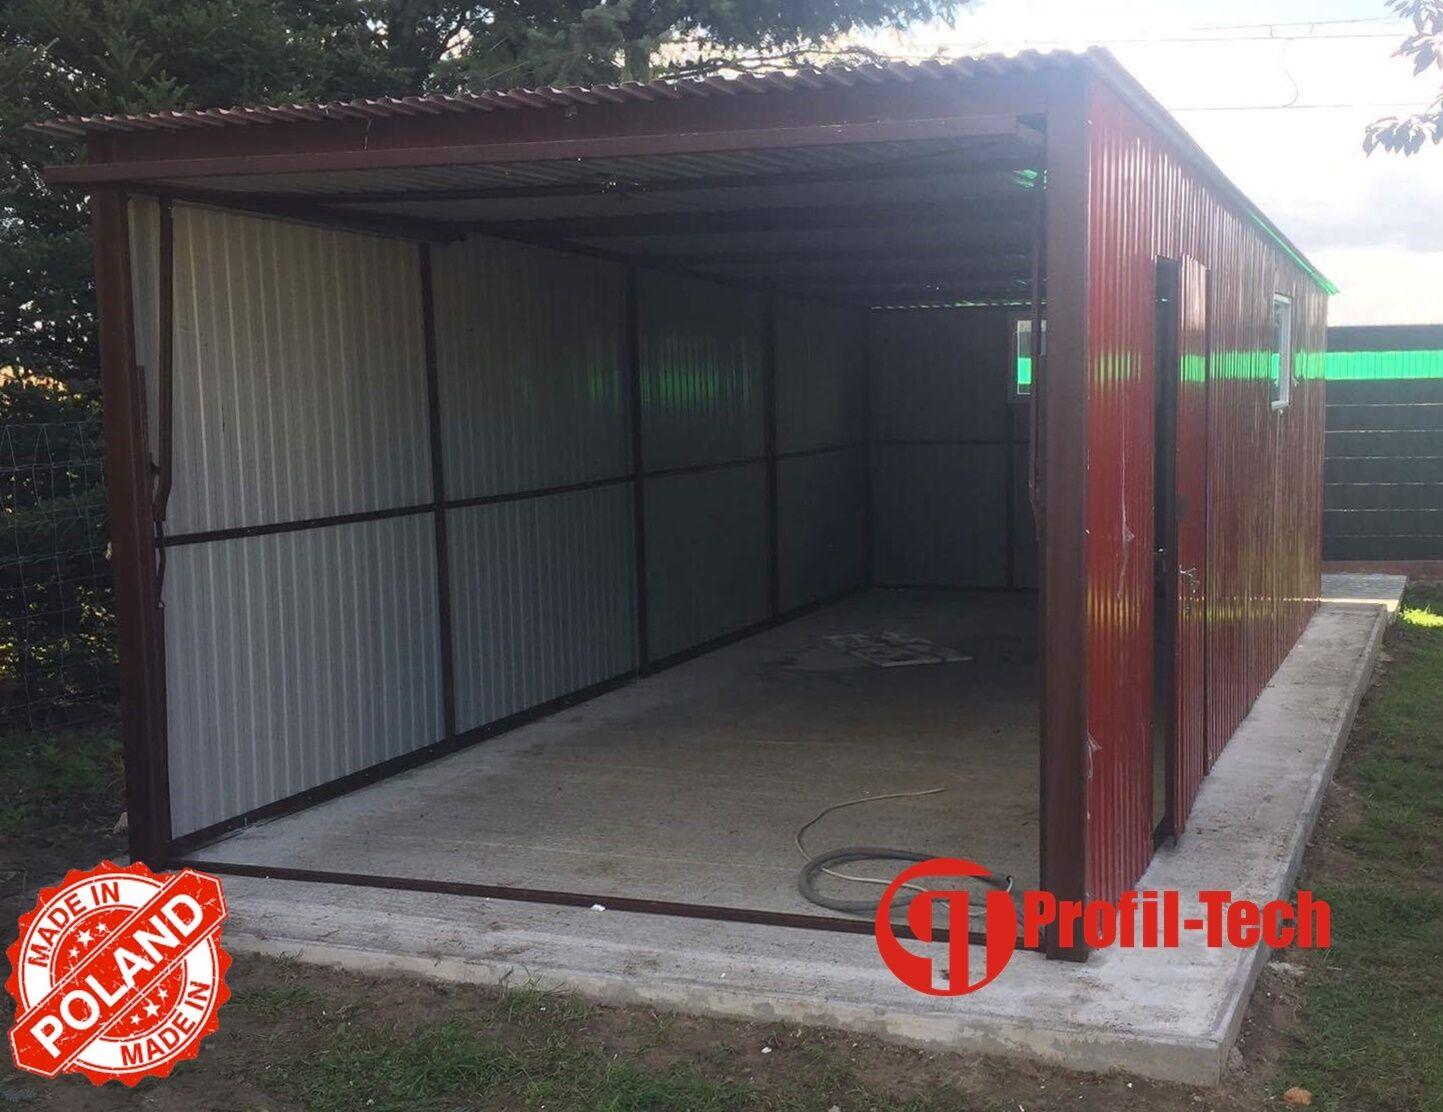 2,5x4,0 R3005 Blechgarage Fertiggarage Metallgarage RAUM KFZ REIFEN LAGER GARAGE